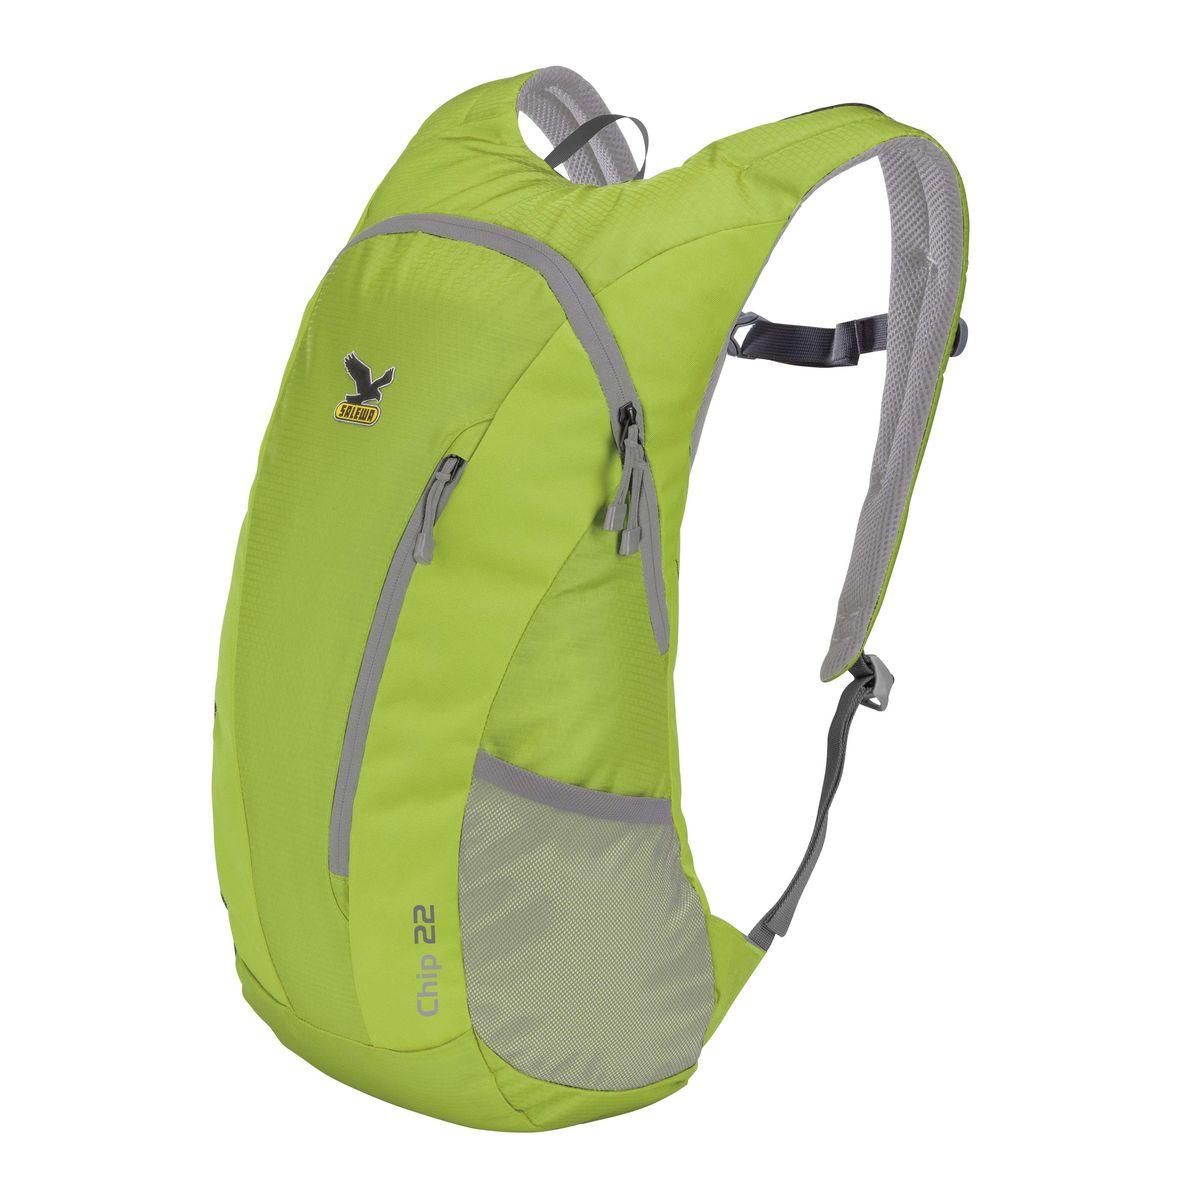 Рюкзак городской Salewa Chip 22, цвет: светло-зеленый, 22 л. 1130_53301130_5330Стильный городской рюкзак Salewa Chip 22 выполнен из полиэстера. Изделие имеет одно основное отделение, которое закрывается на застежку-молнию. Внутри расположен накладной карман для небольшого ноутбука. Снаружи, на передней стенке находится прорезной карман на застежке-молнии, в который рюкзак компактно складывается. По бокам расположены сетчатые карманы на эластичных резинках.Рюкзак оснащен широкими регулирующими лямками и удобной ручкой для переноски в руках. Лямки дополнены регулируемым грудным ремнем. Спинка и внутренняя сторона лямок оснащена сетчатыми вставками, которые обеспечивают воздухопроницаемость и комфорт во время носки. Компактный городской рюкзак идеально подойдет для повседневного использования и активного досуга.